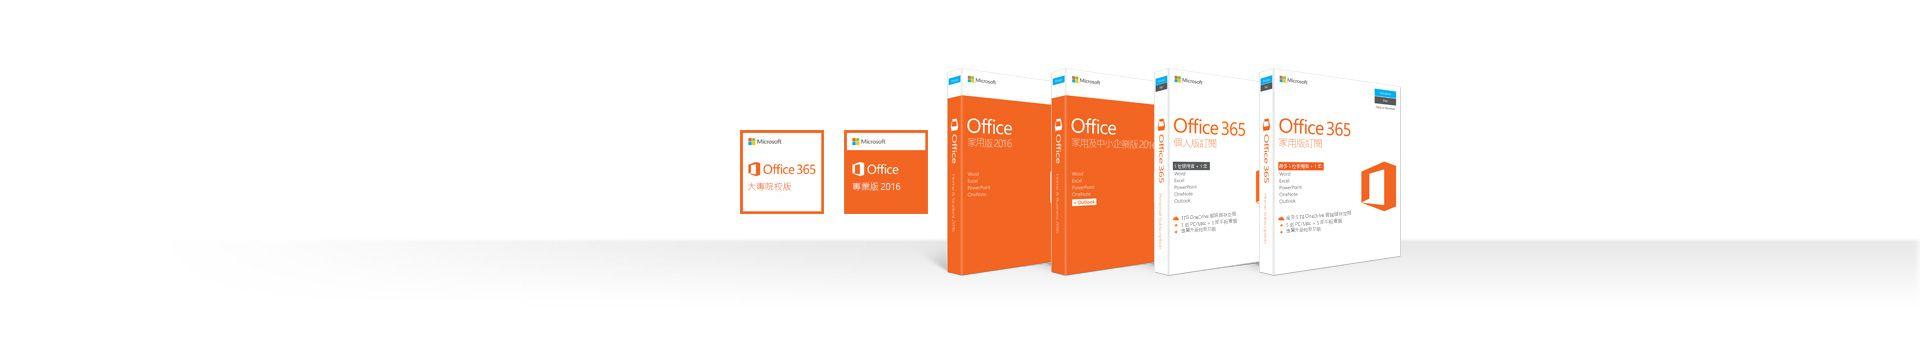 代表 PC 版 Office 訂閱和獨立產品的方格列